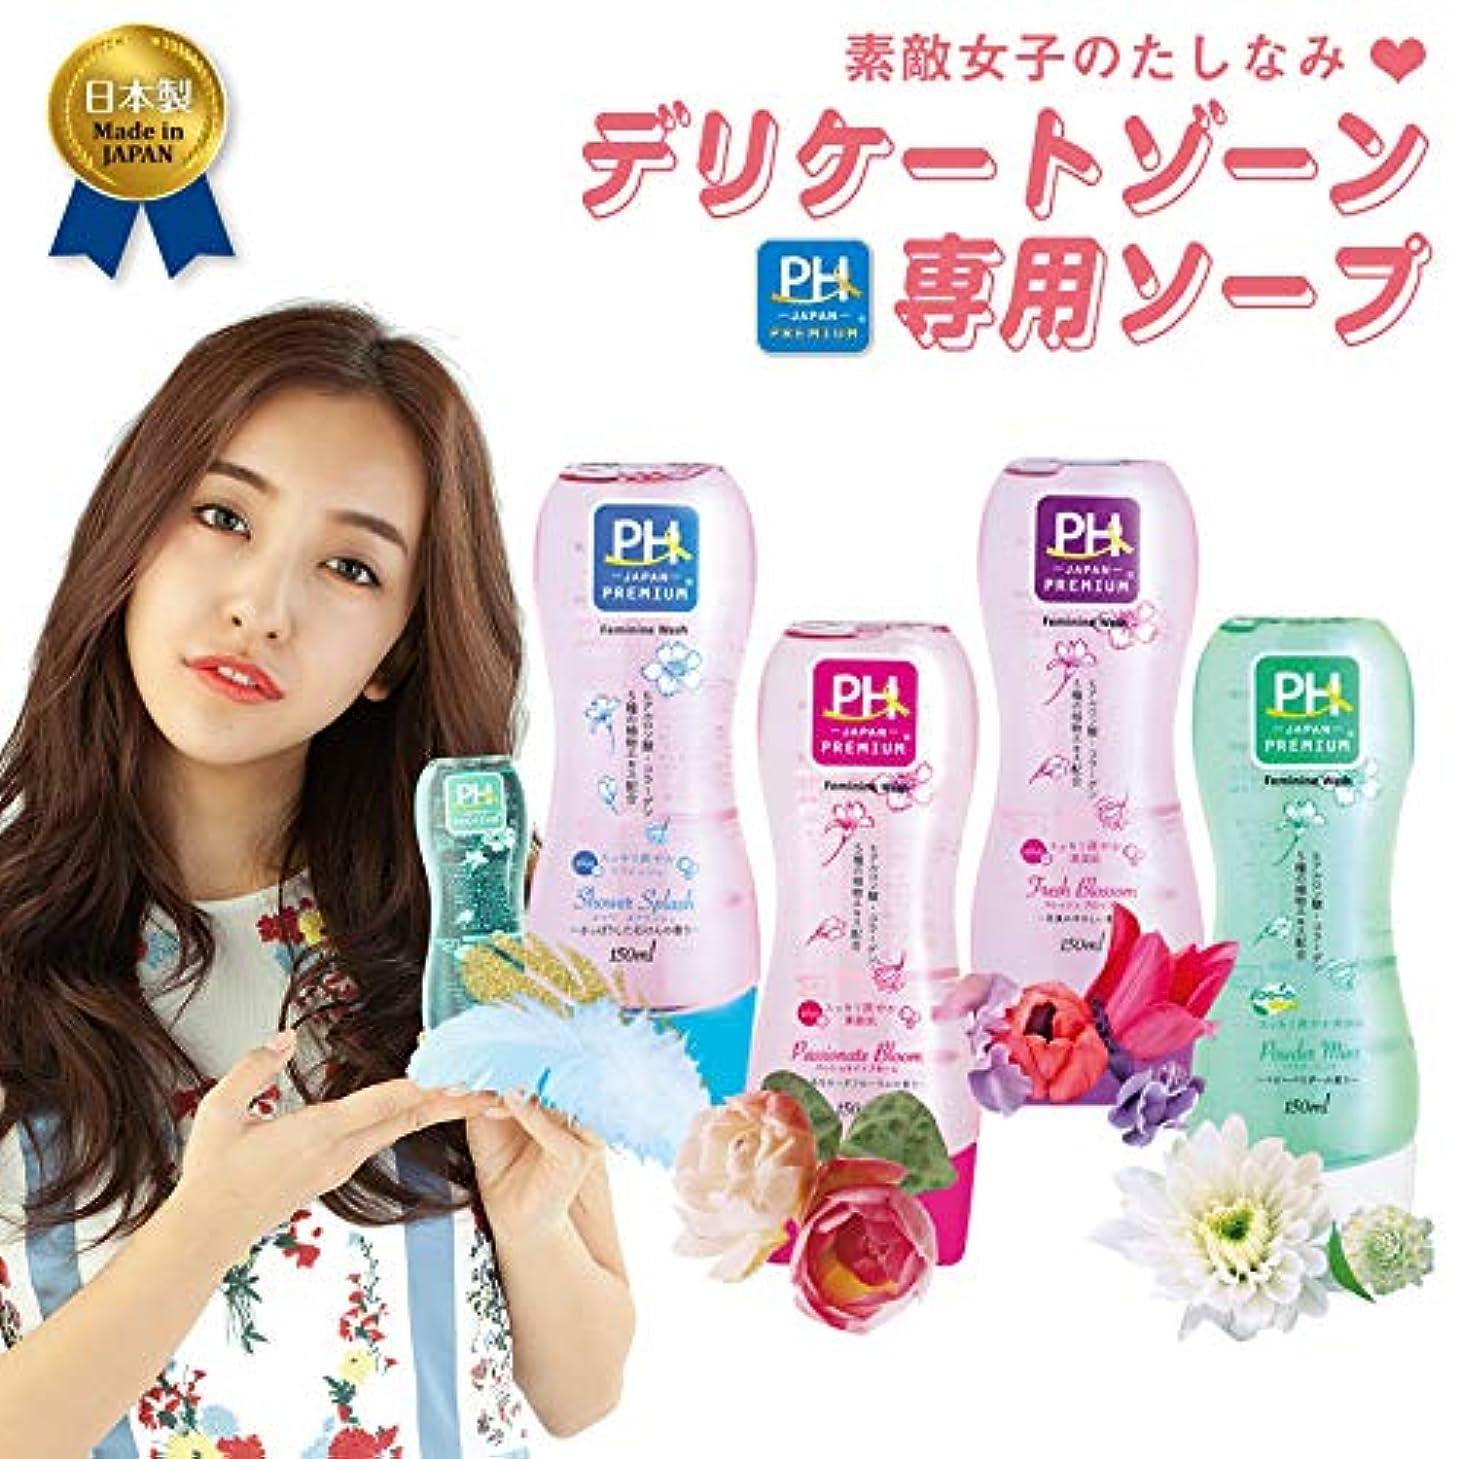 ギャザー持参カバレッジフレッシュブロッソム4本セット PH JAPAN フェミニンウォッシュ 花束のやさしい香り